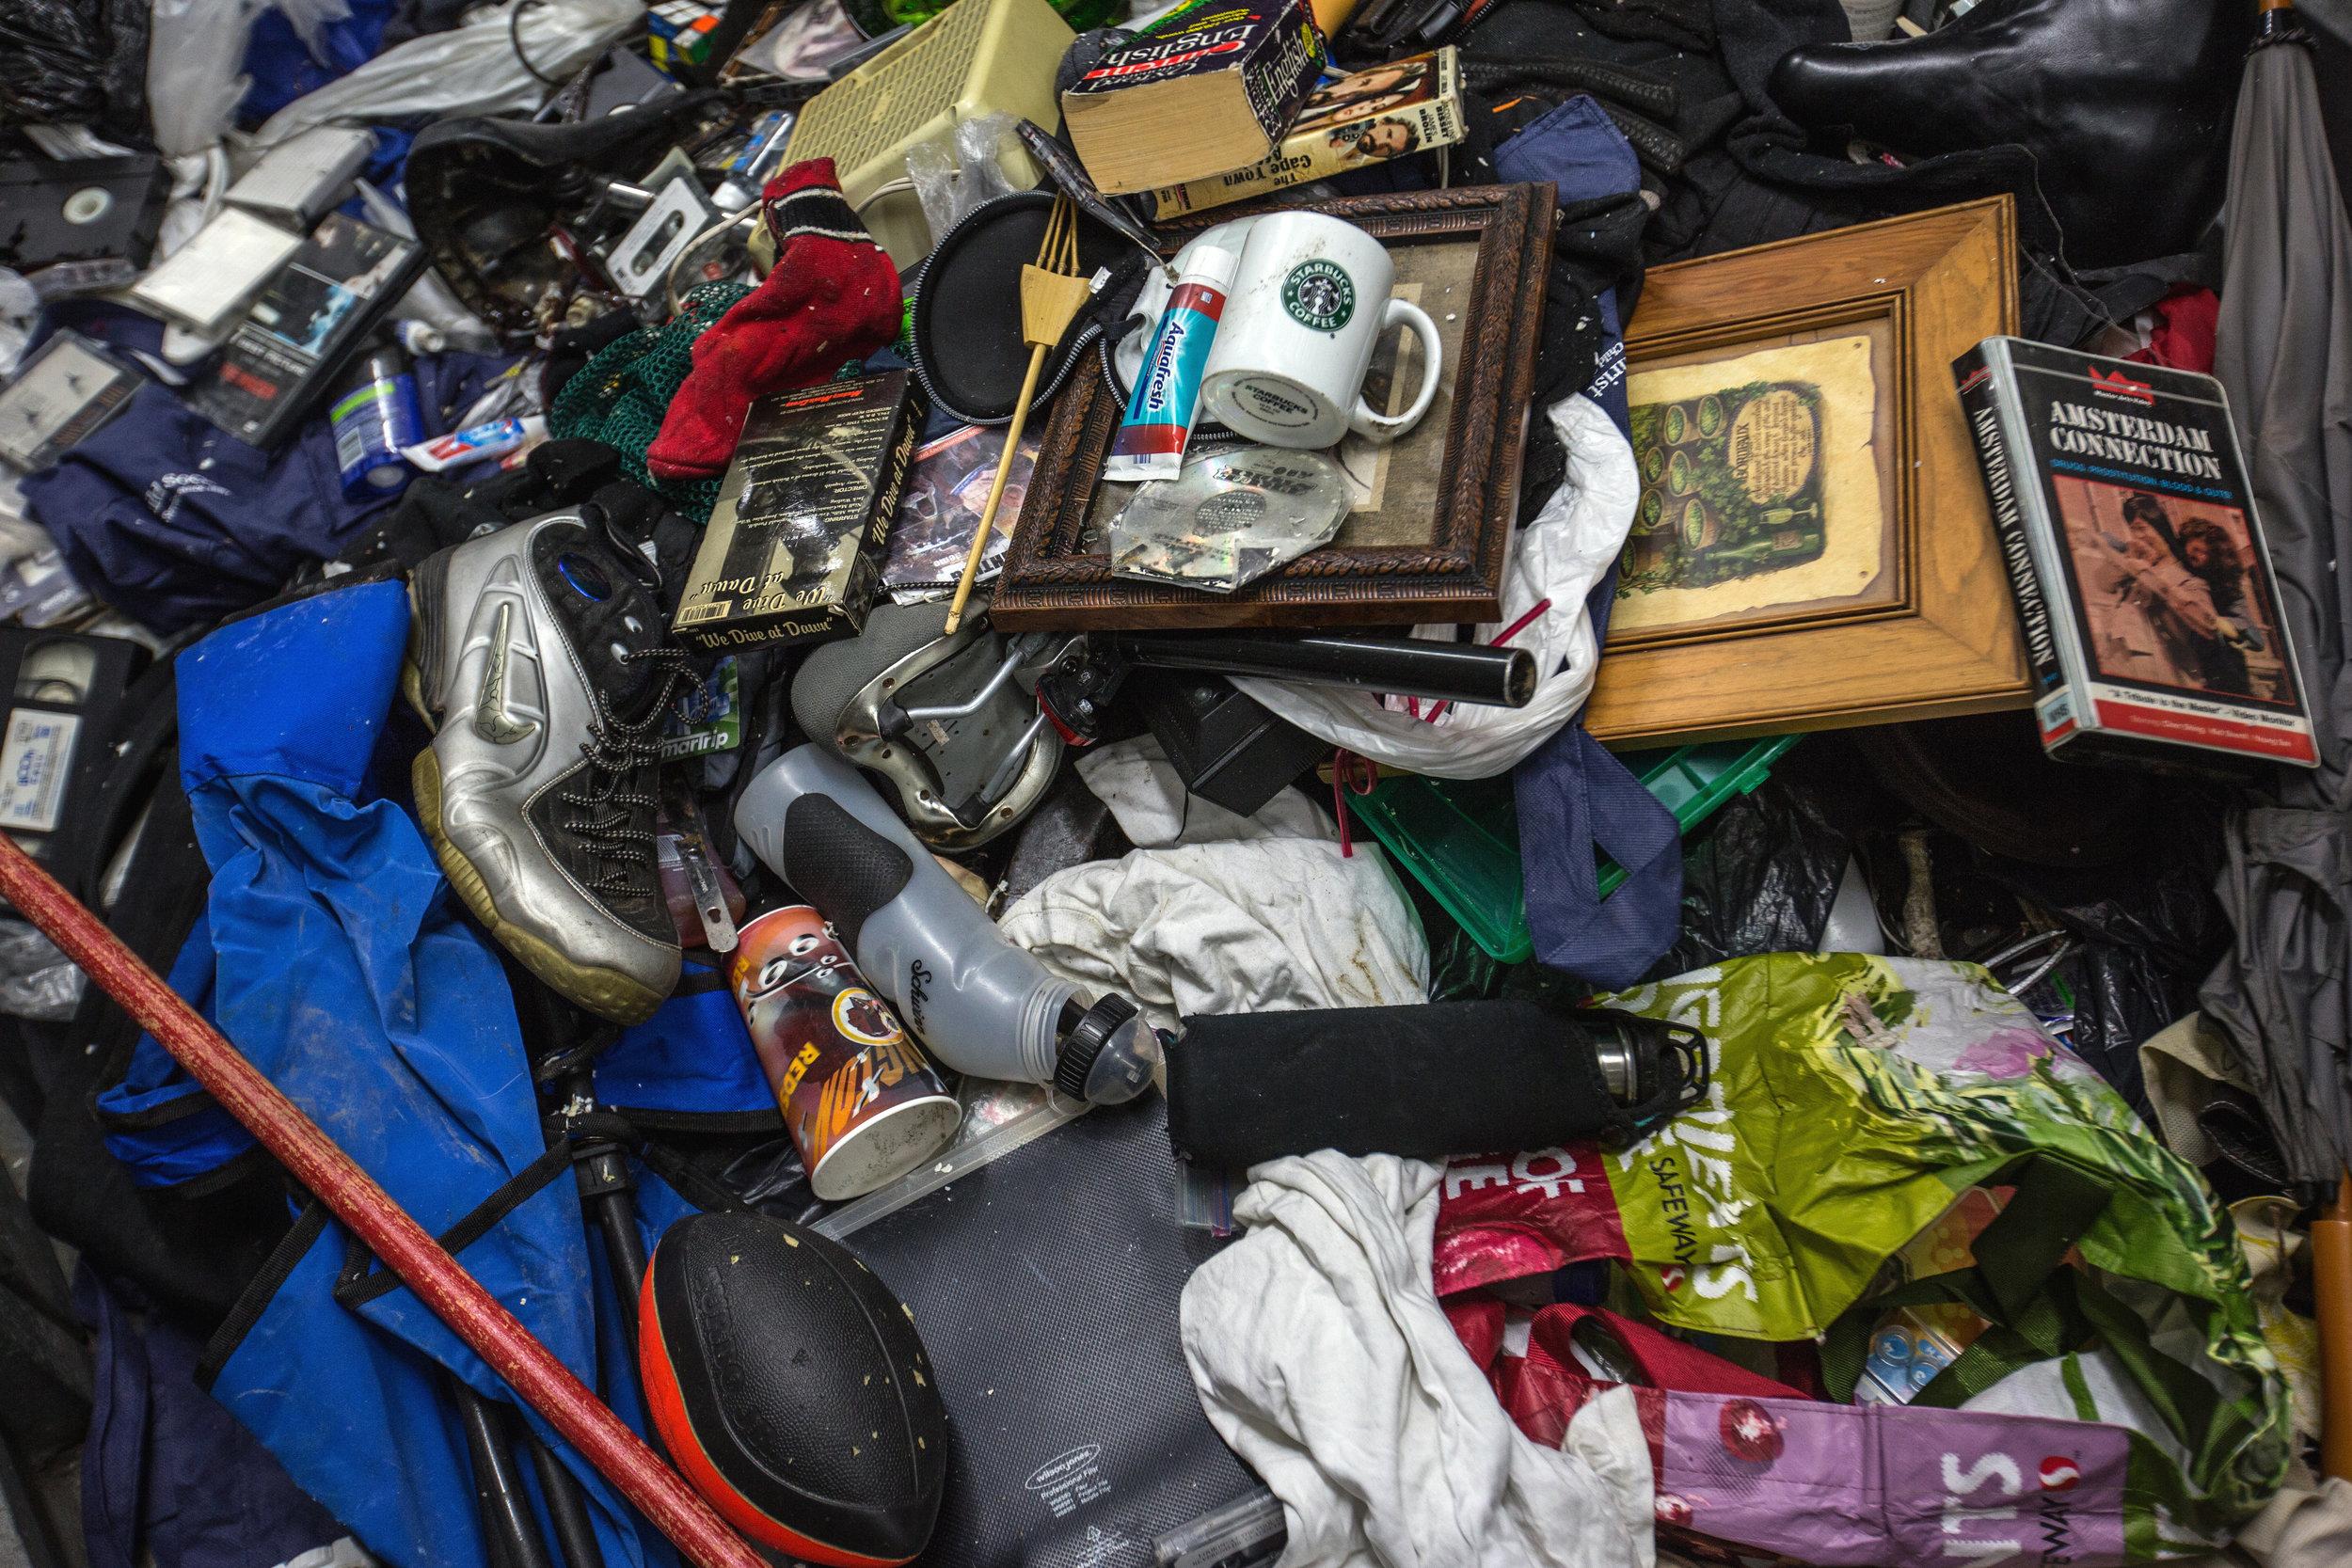 Michael Evans sorts through his belongings